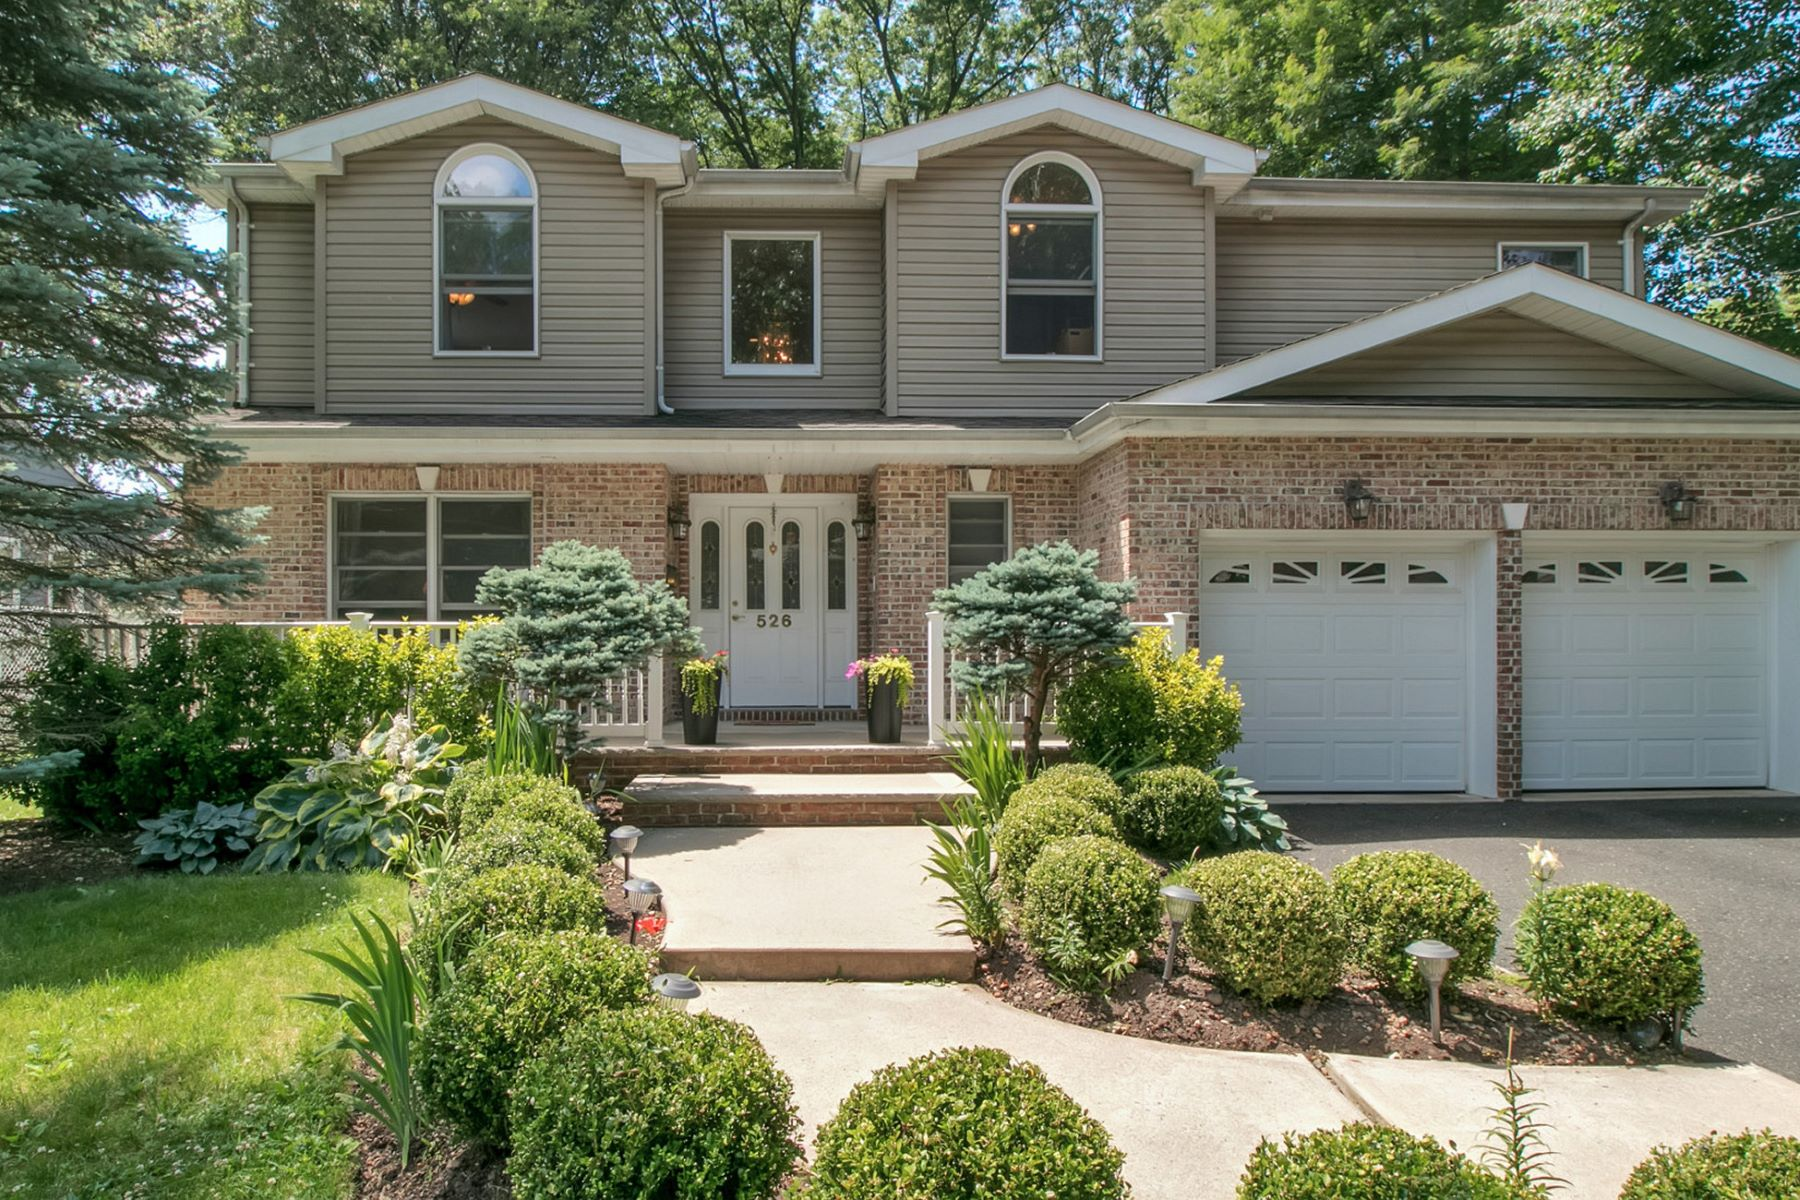 Casa Unifamiliar por un Venta en Inviting Front Porch 526 Chestnut St Township Of Washington, Nueva Jersey 07676 Estados Unidos